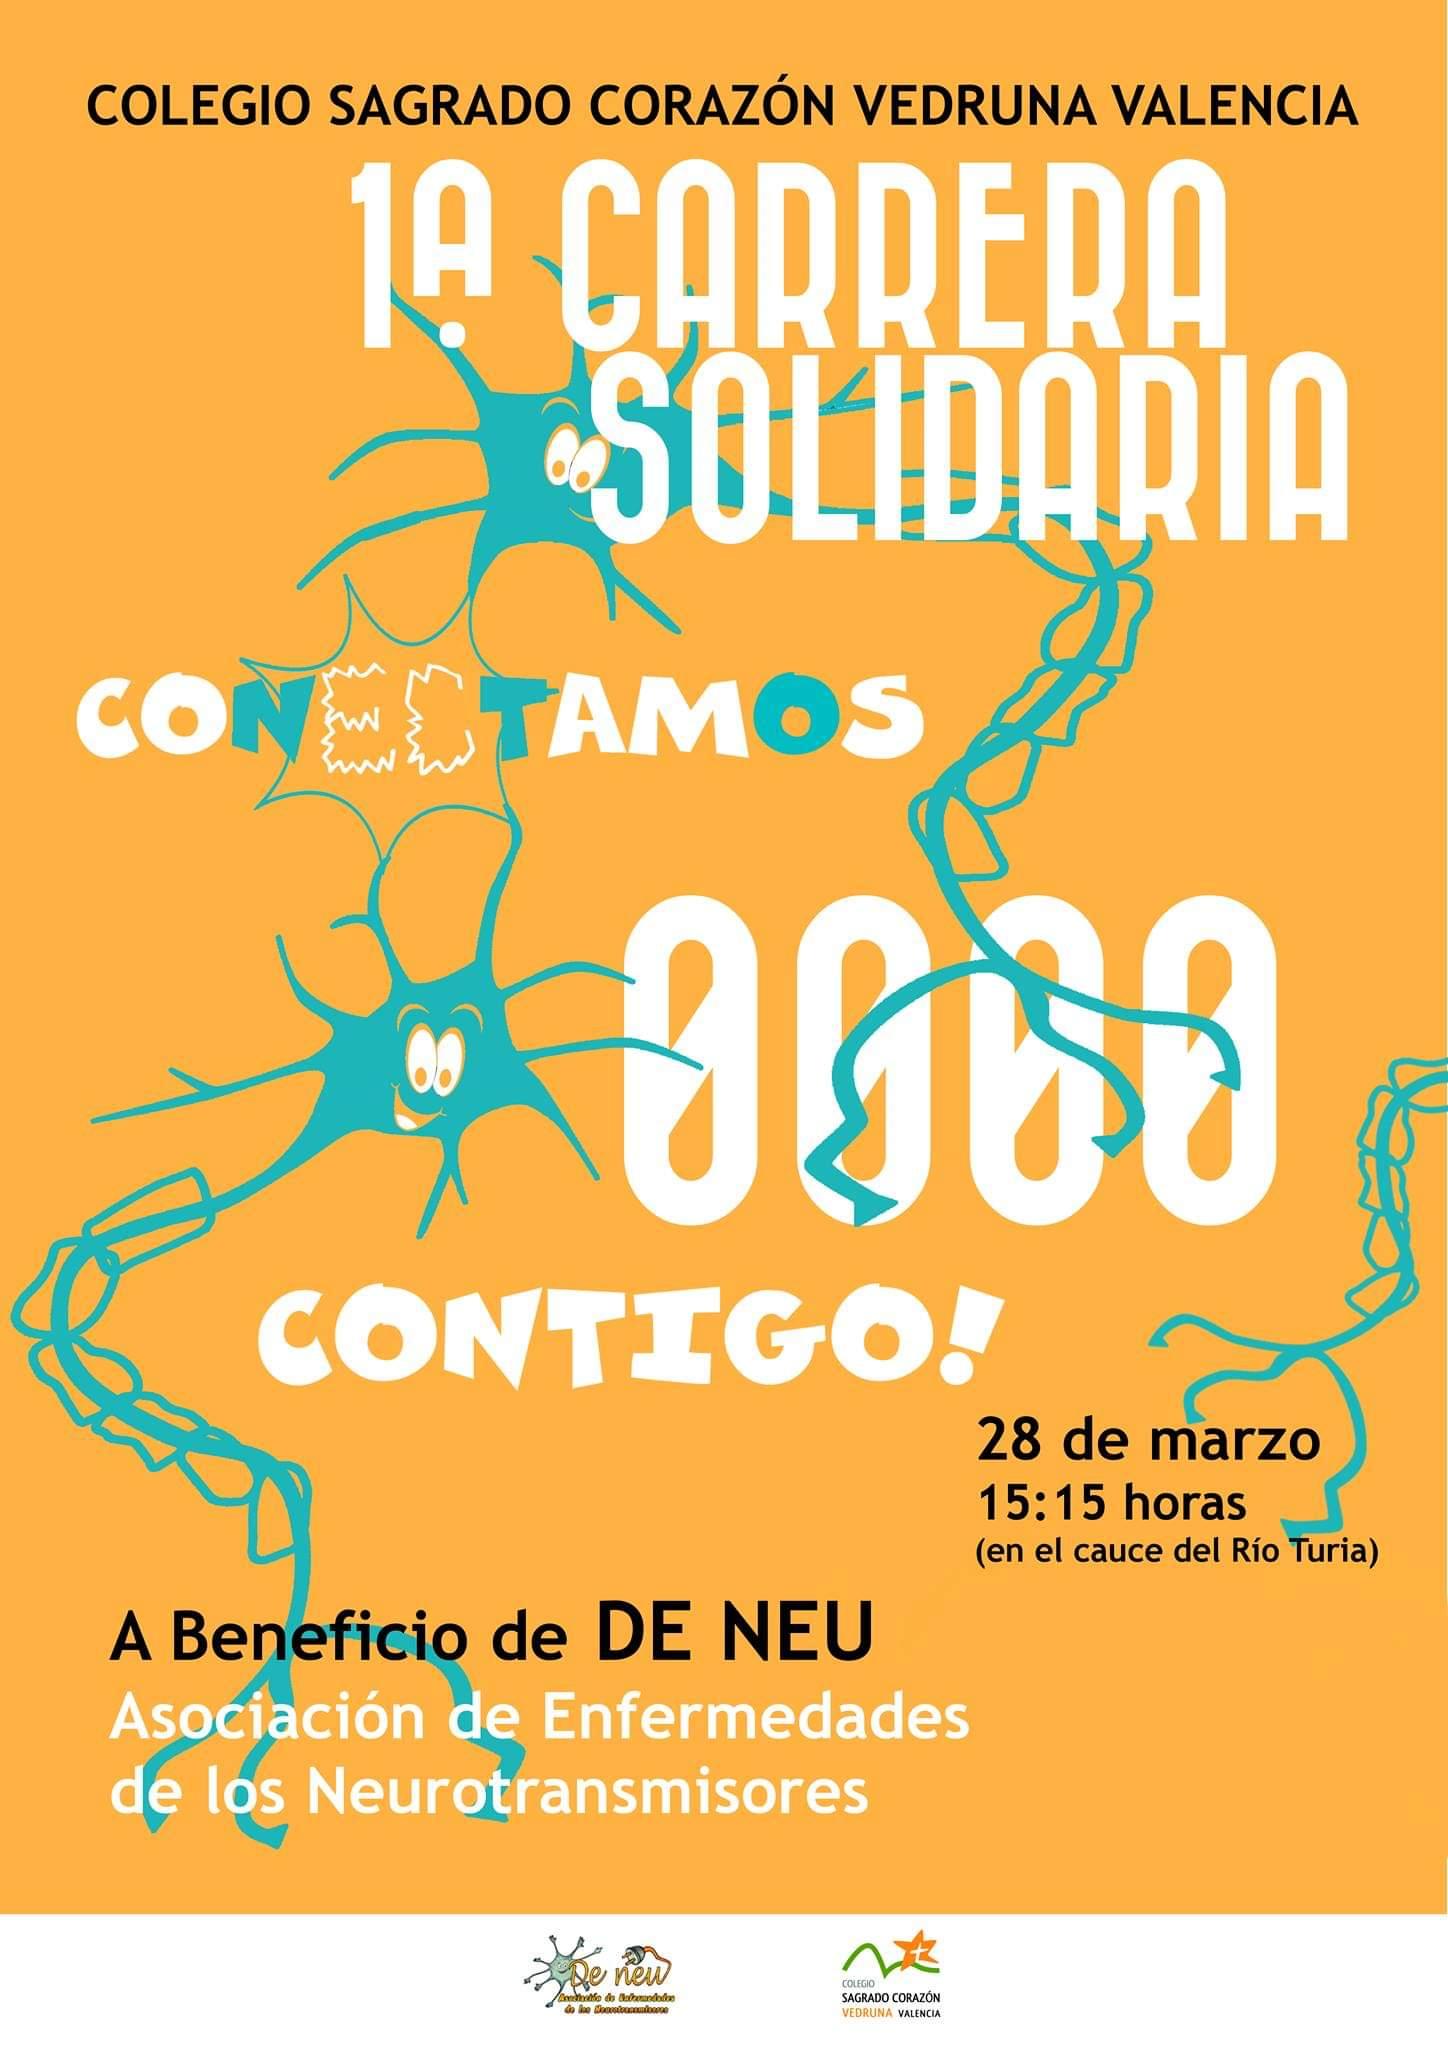 El Colegio Sagrado Corazón Vedruna organiza su primera carrera solidaria para visibilizar las enfermedades de los neurotransmisores.